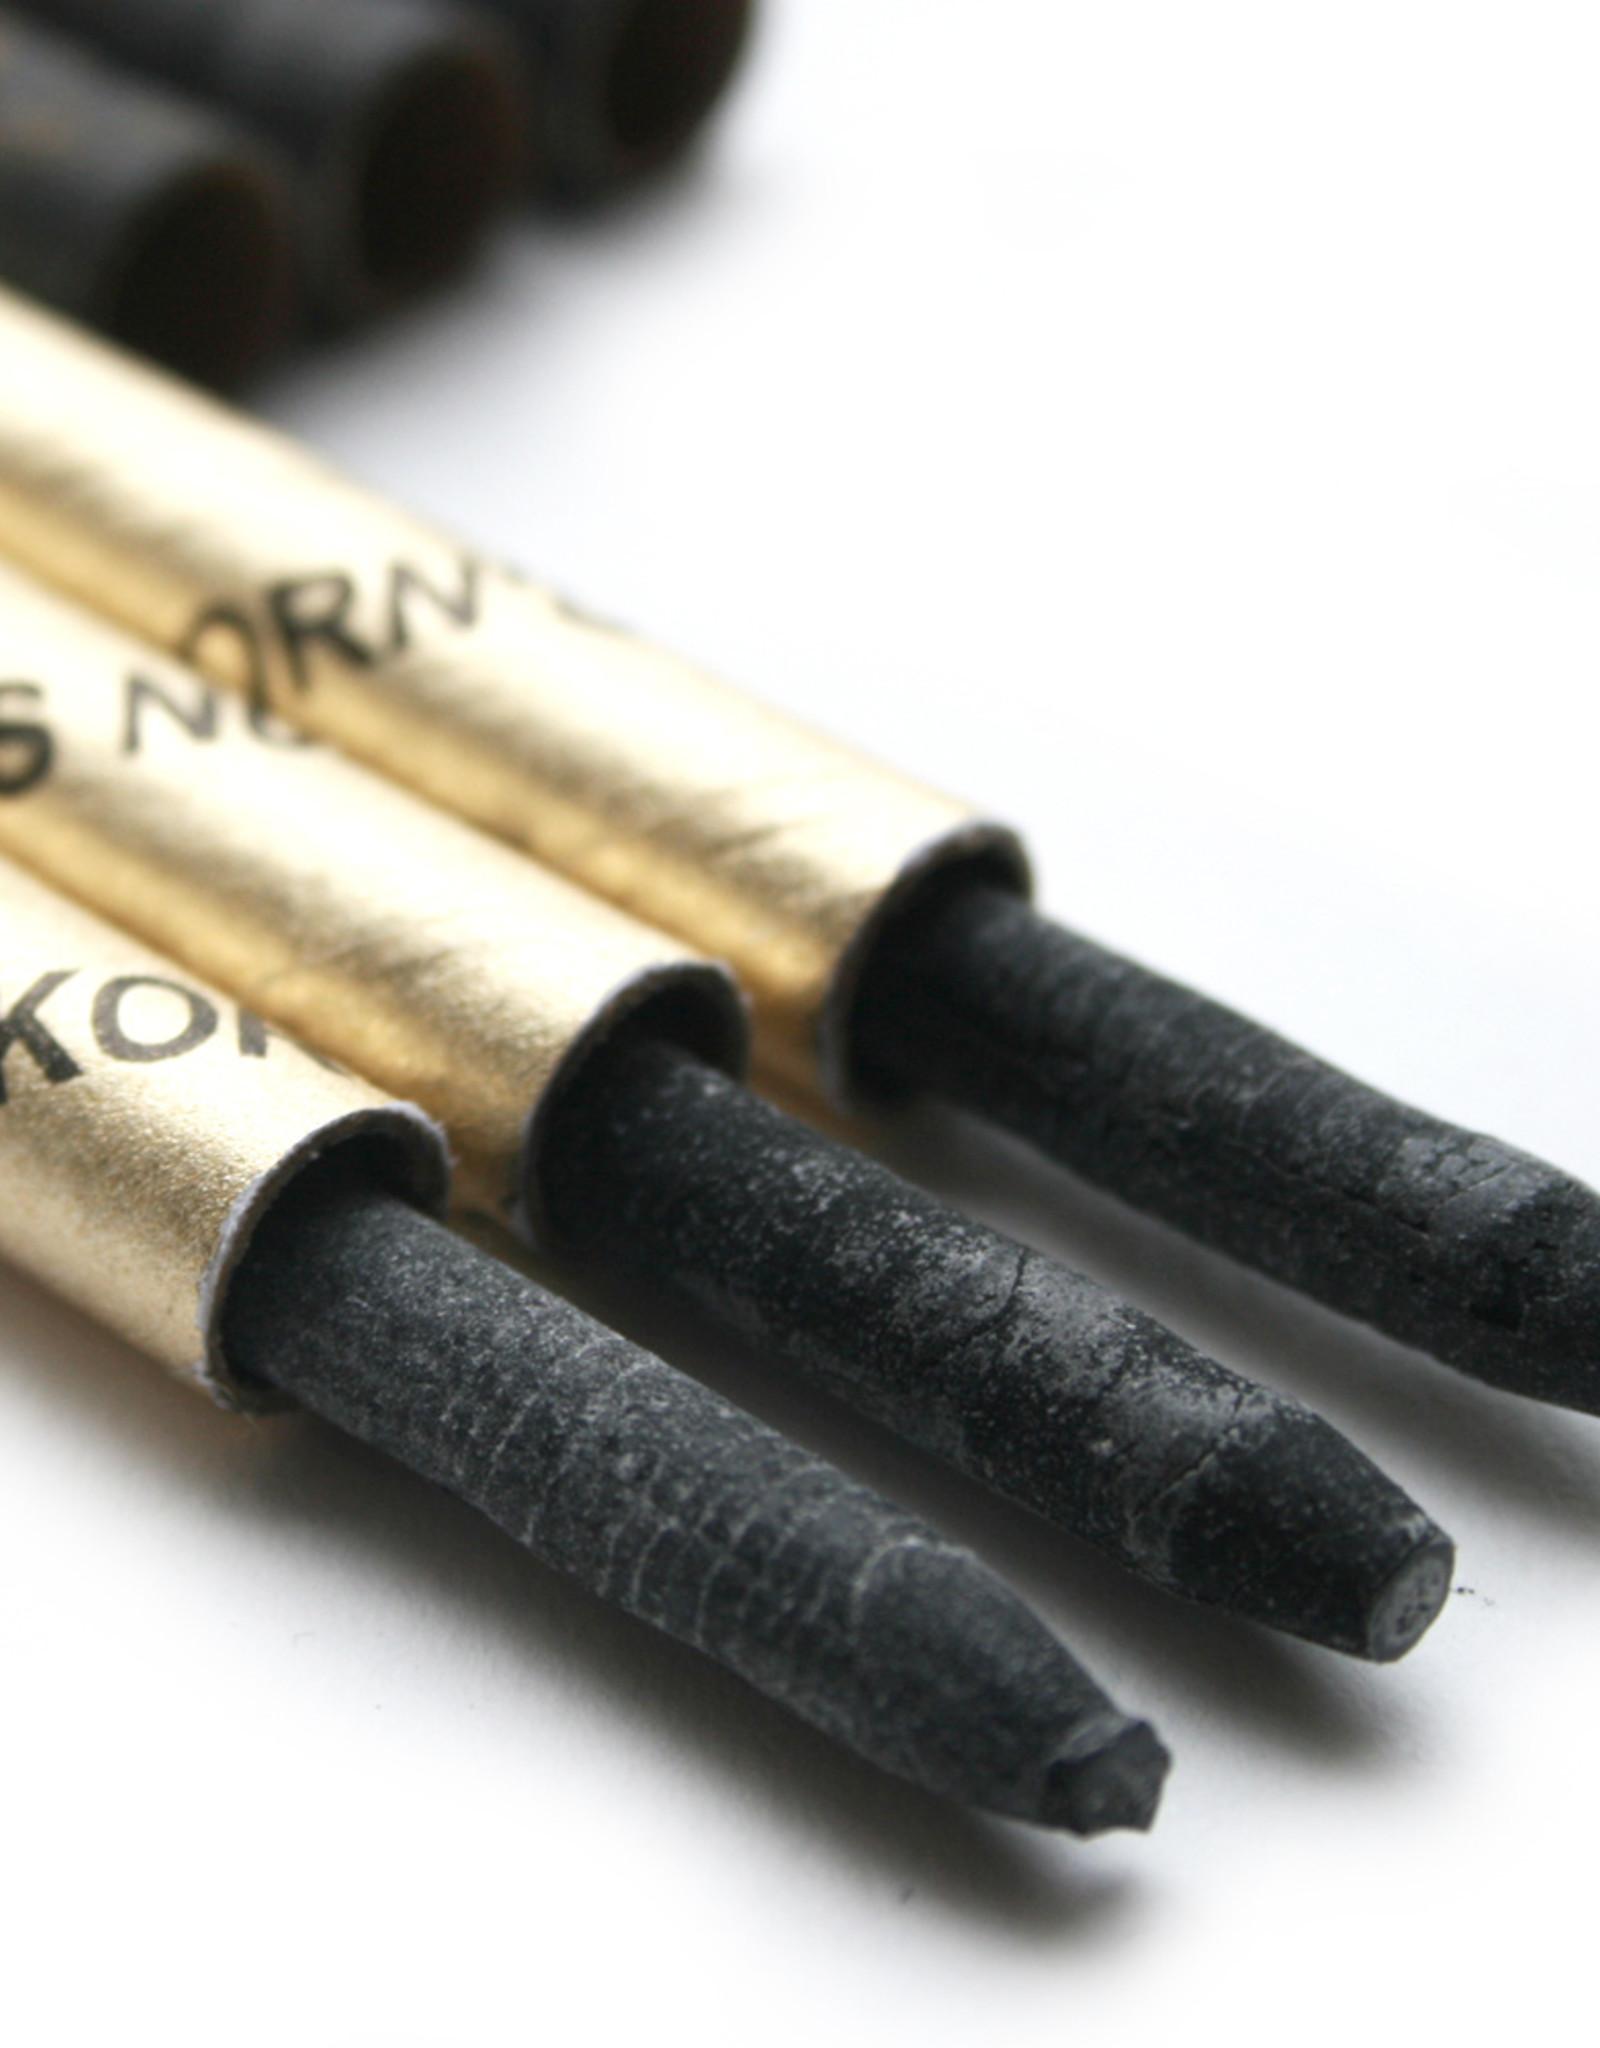 3 stuks lithopotloden afwikkelbaar Korn hard nummer 3. Lithografisch krijt bestaat uit: Vet Was Zeep Roet Schellak. De verhouding van deze bestanddelen hangt af van de gradatie. Lithografisch krijt is verkrijgbaar in vijf hardheden. 1 is zacht en vet. 5 i